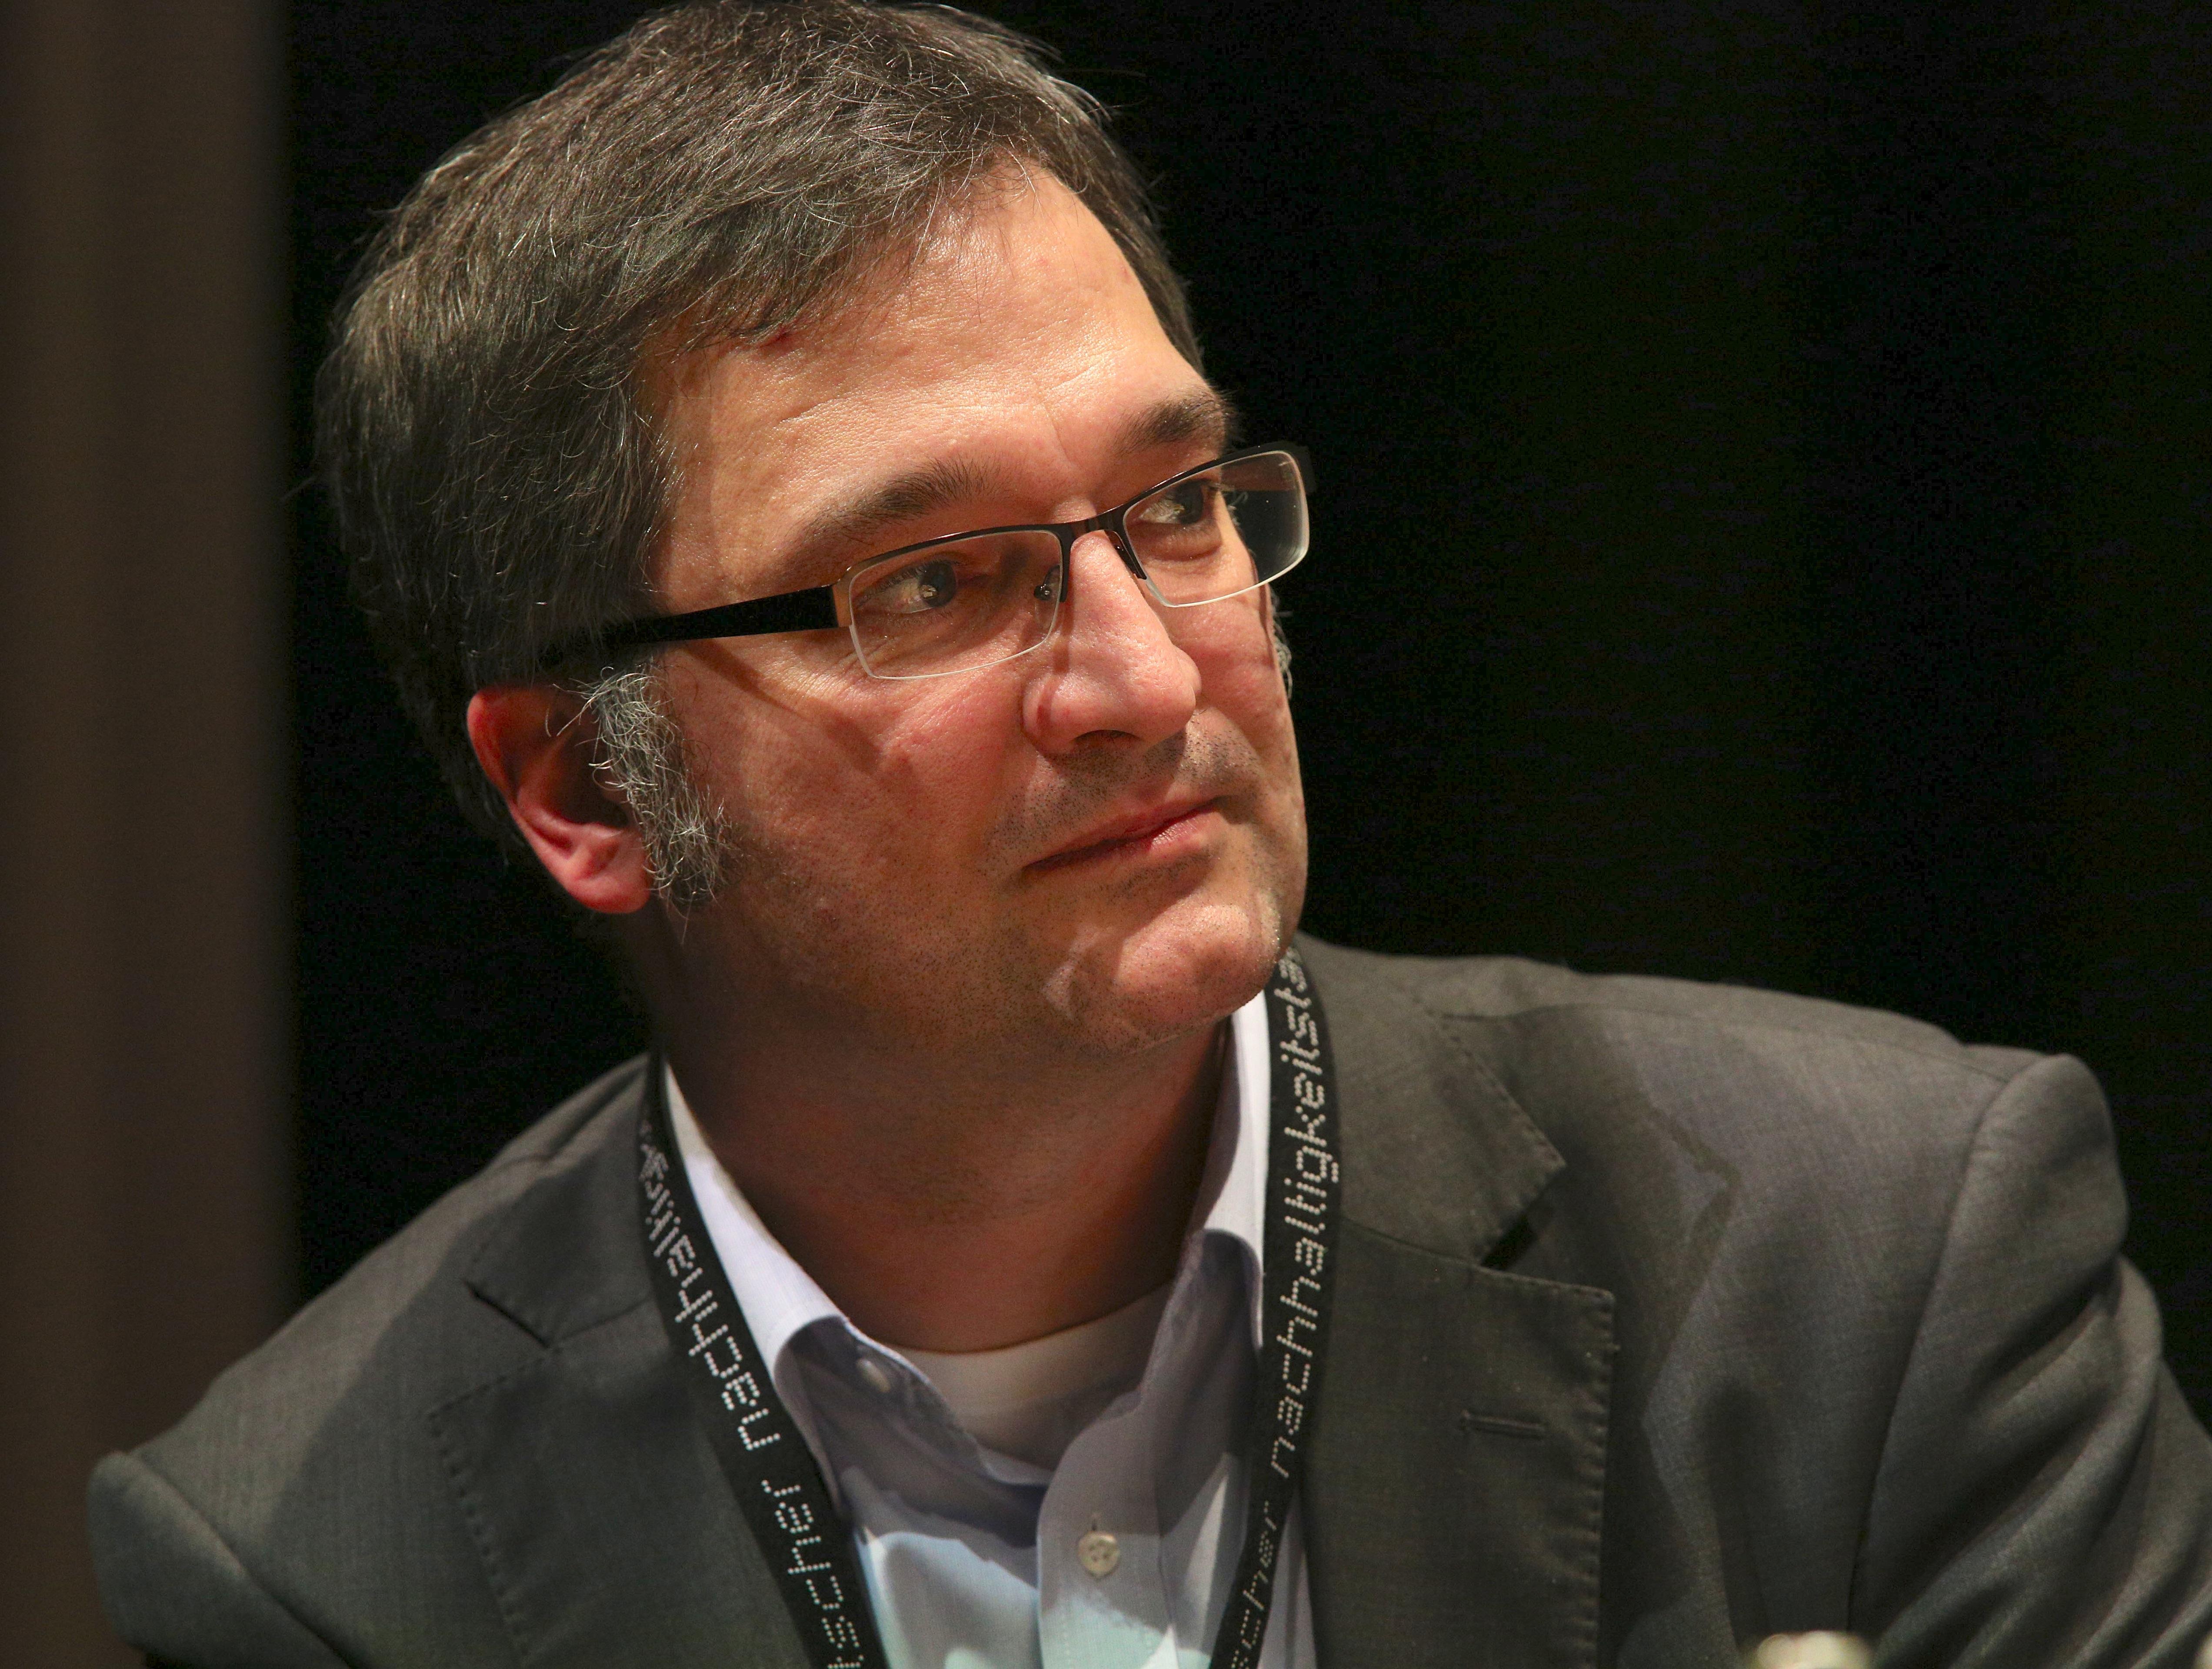 2_Prof. Dr. Carsten Baumgarth_Quelle_Stiftung Deutscher Nachhaltigkeitspreis e.V